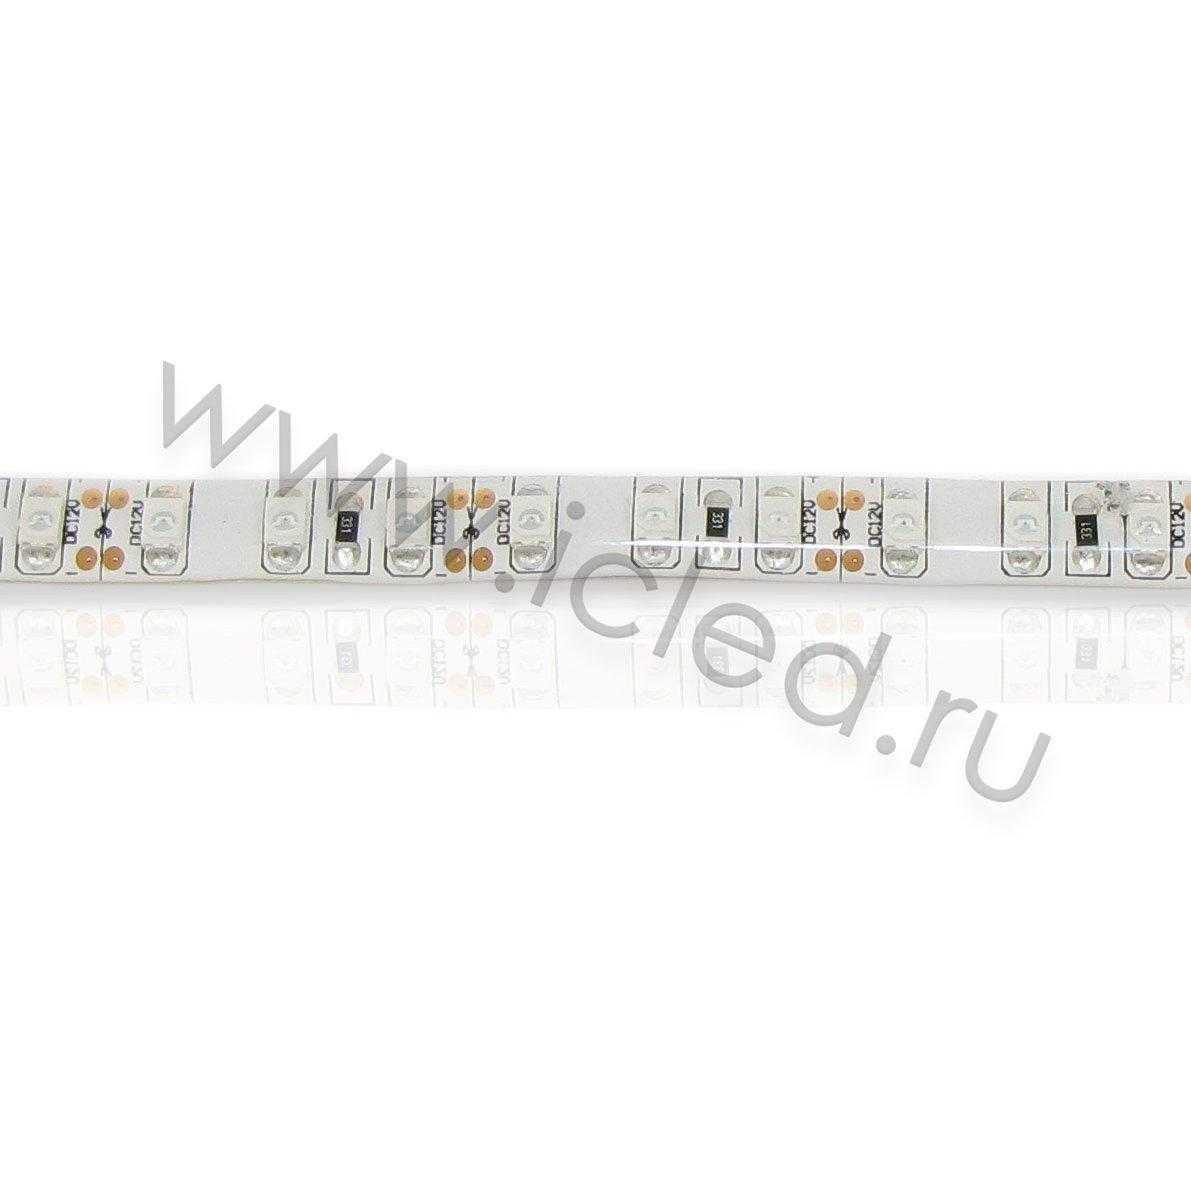 Светодиодная лента Class B, 3528, 120 led/m, Yellow, 12V, IP65